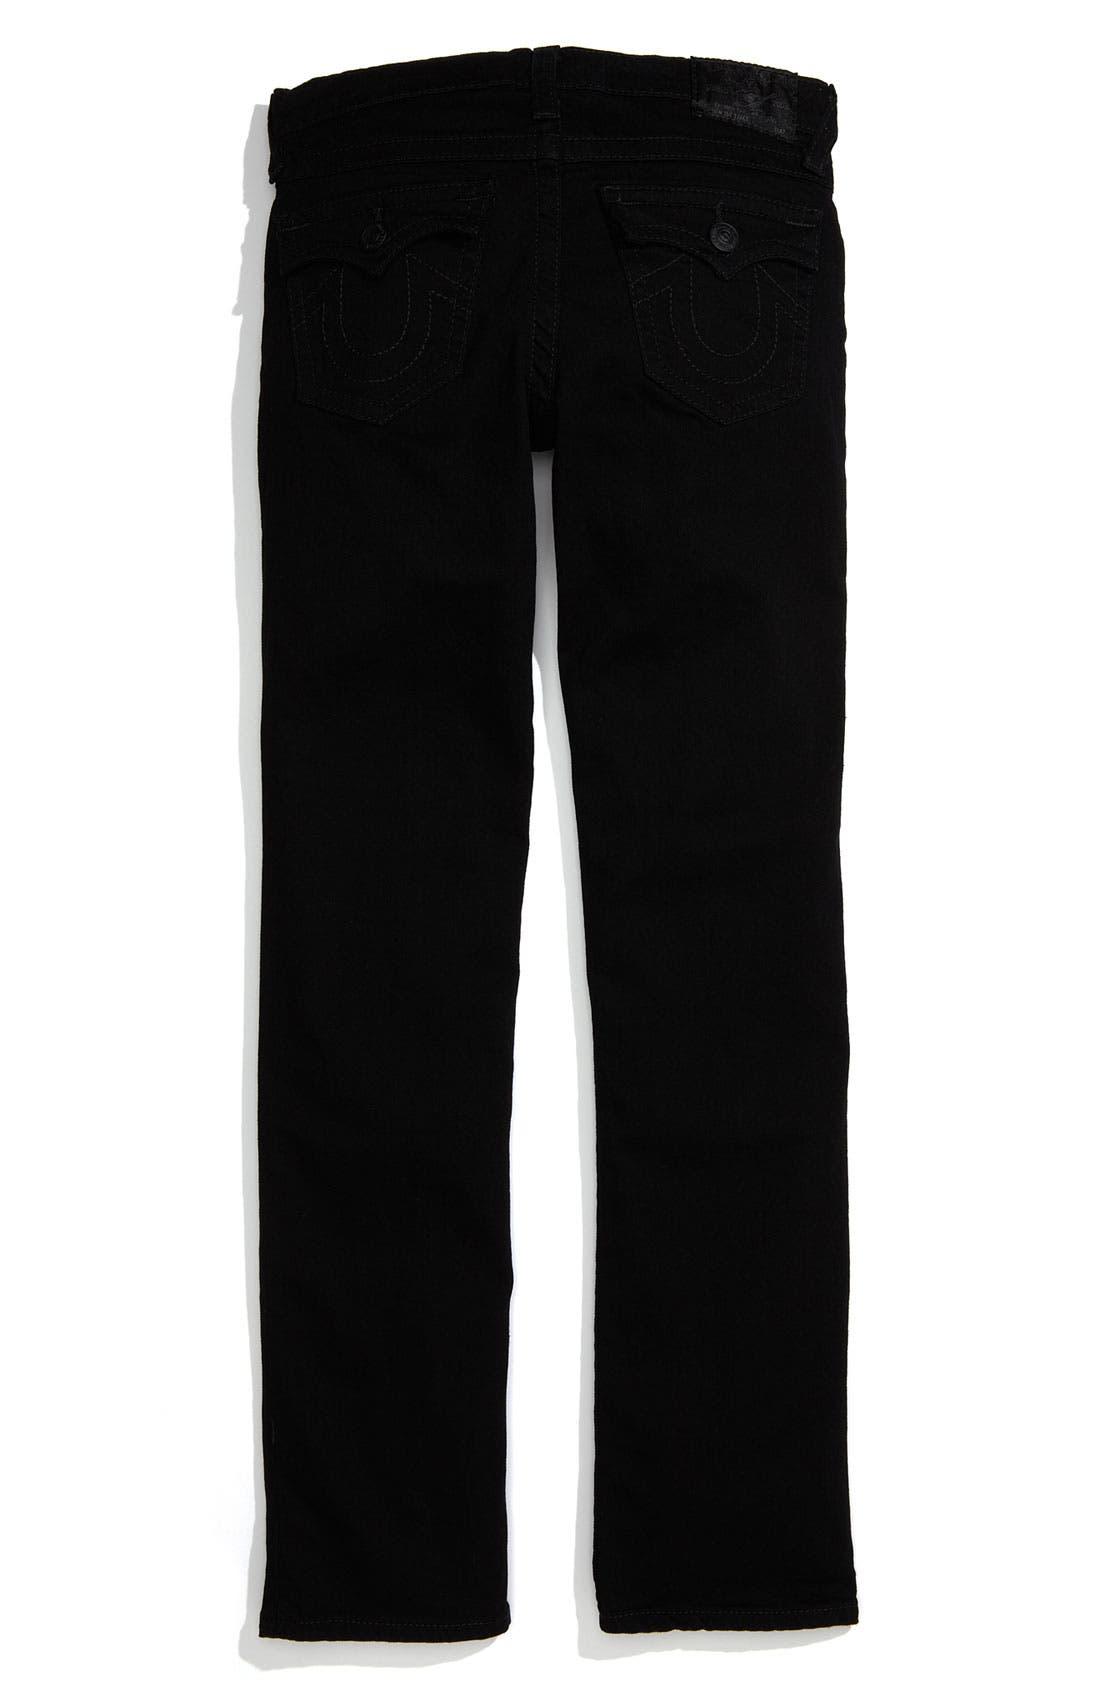 Alternate Image 1 Selected - True Religion Brand Jeans 'Jack' Straight Leg Jeans (Little Boys)